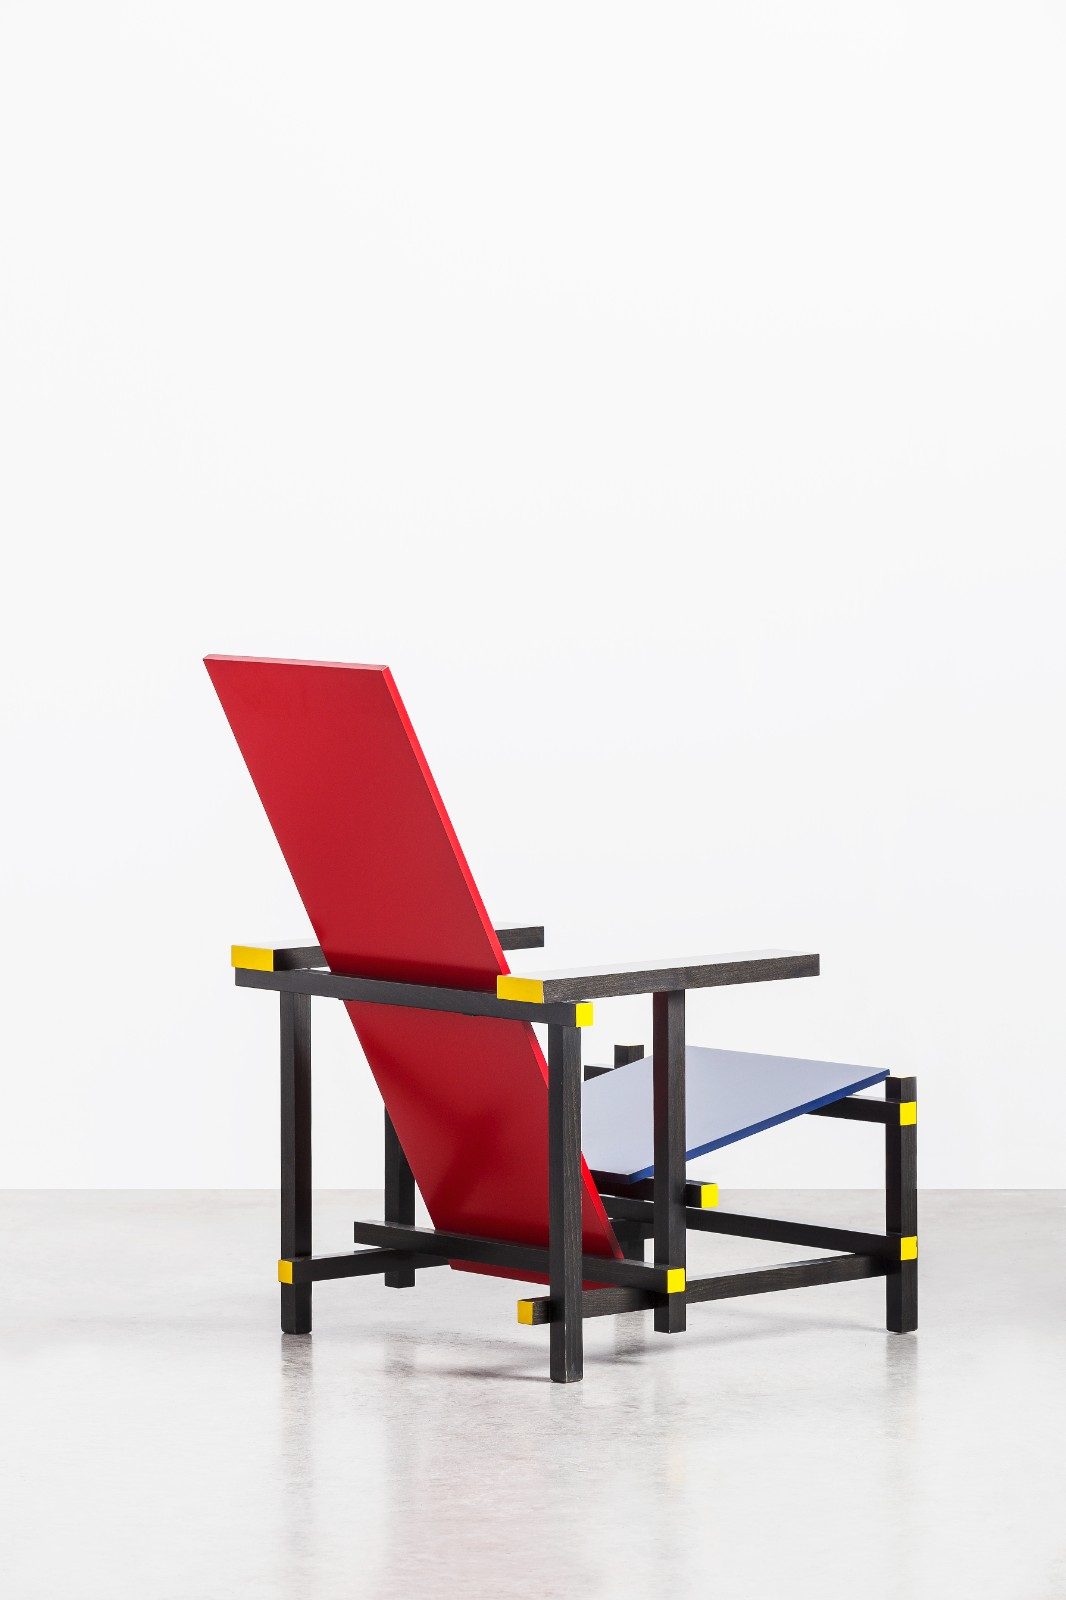 06 赫里特·托馬斯·里特維爾德 紅藍椅  1918年.jpg